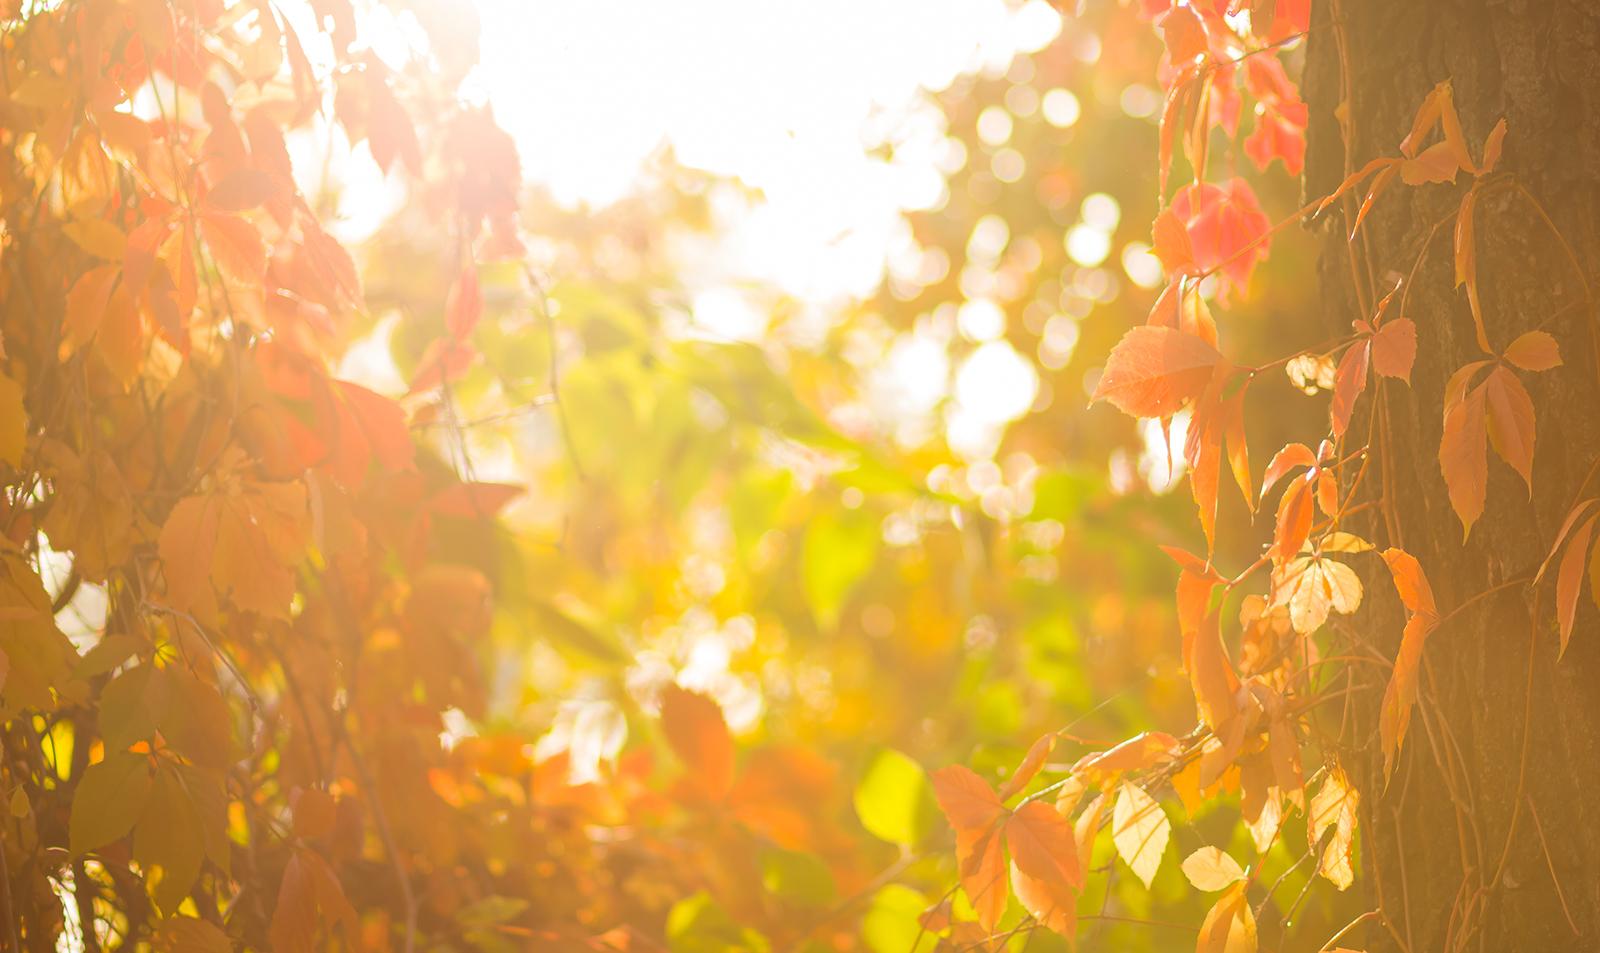 beautiful-sun-leaves-nature-spiritual-peace-freedom